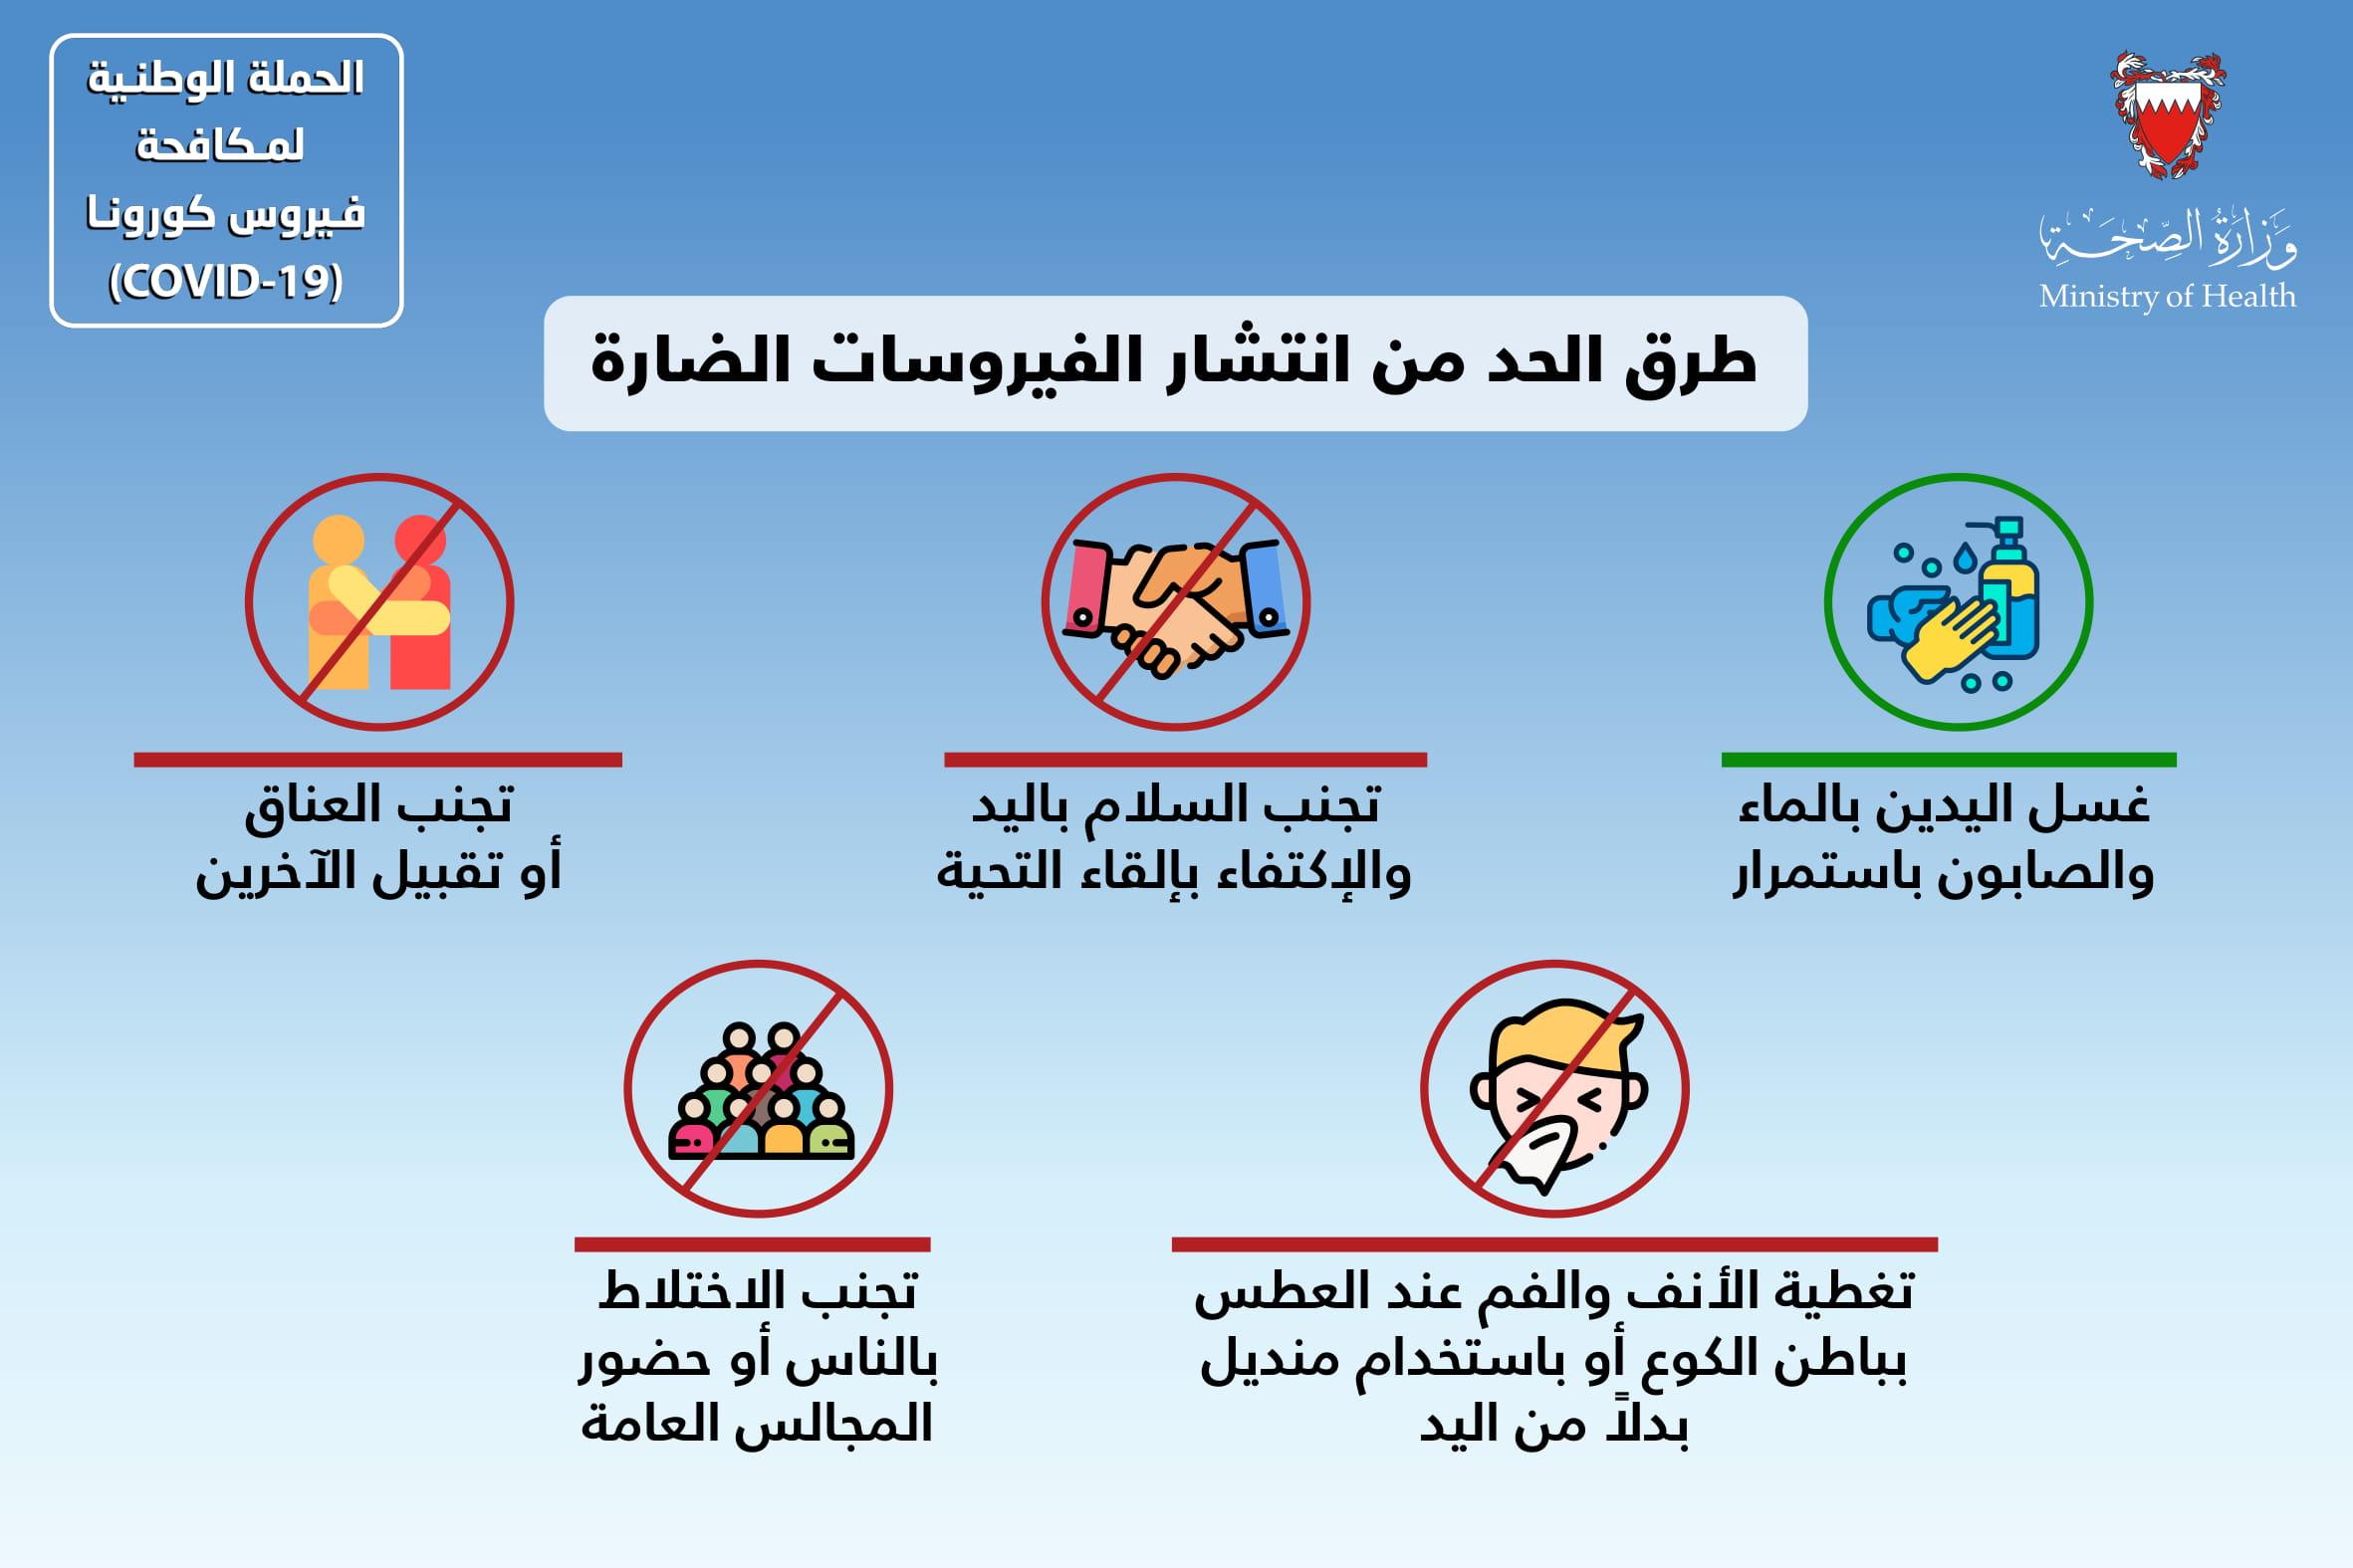 طرق الحد من انتشار الفيروس